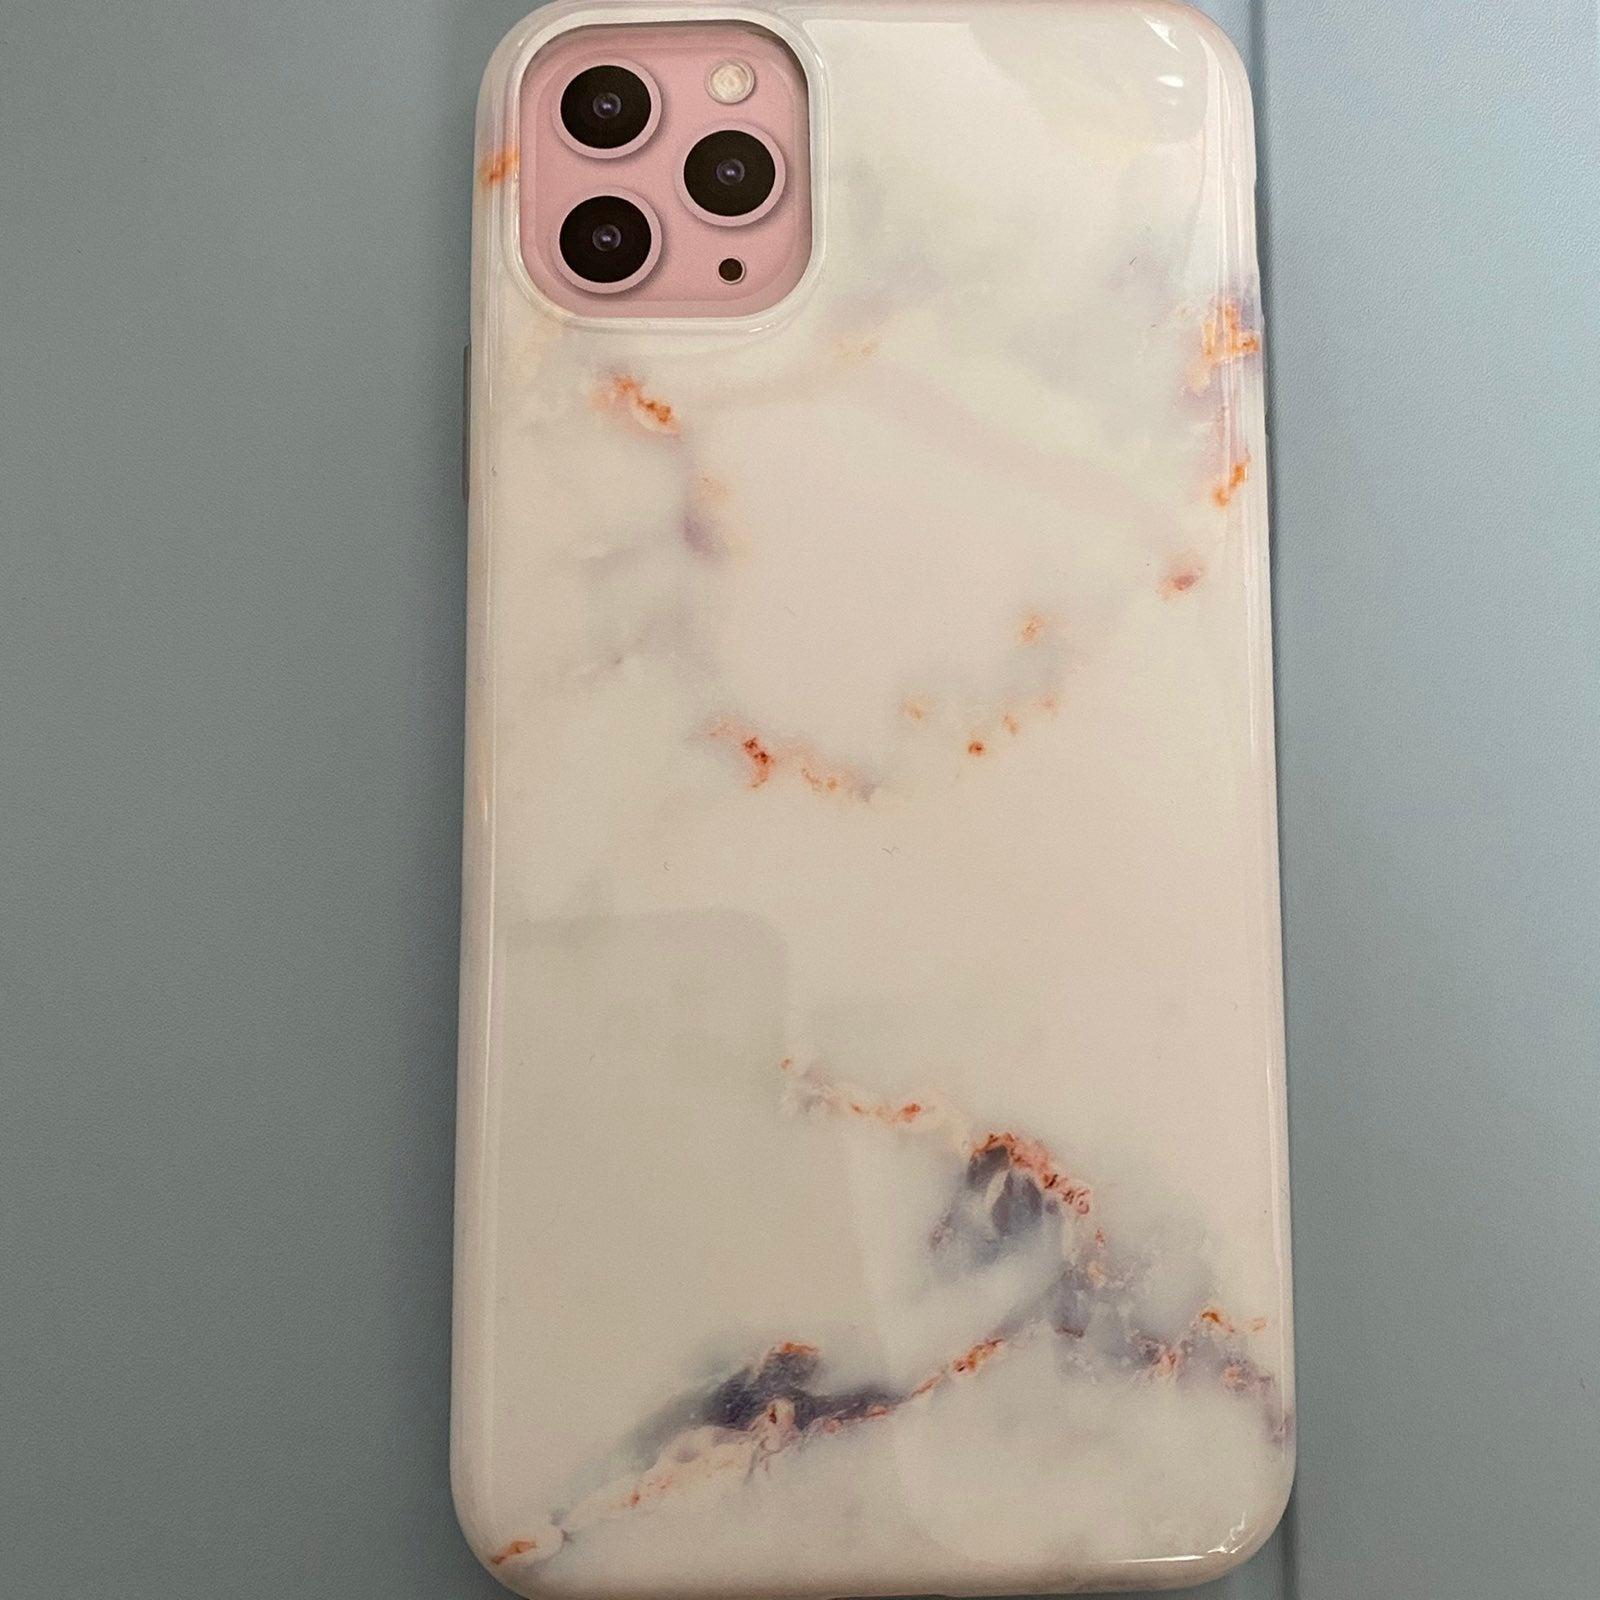 iphone 11 pro max phone case